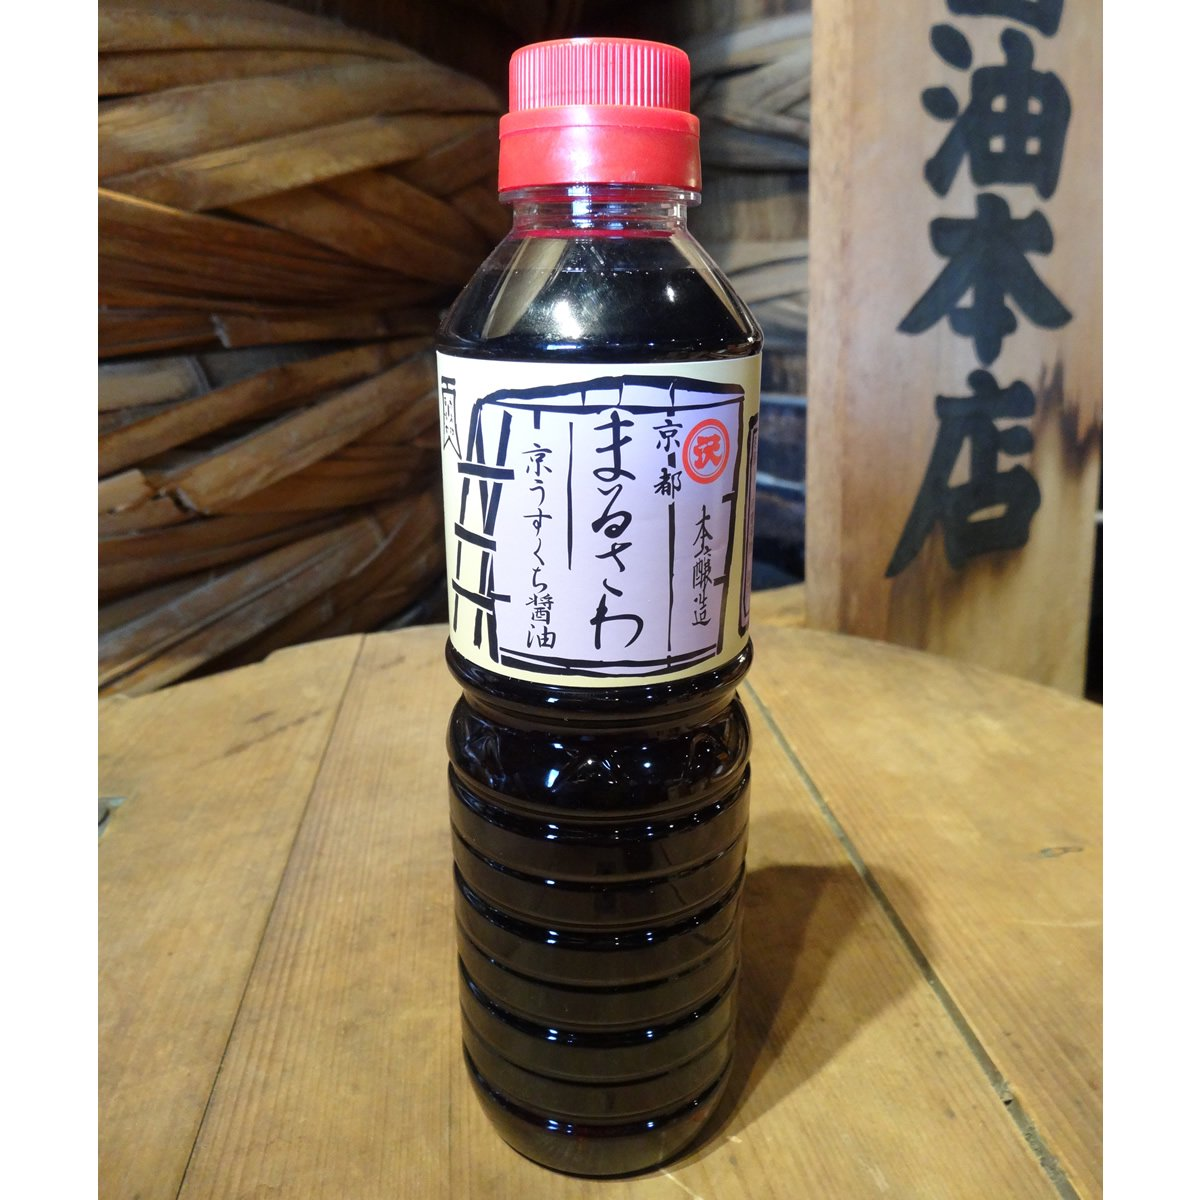 【澤井醤油本店】京うすくち醤油(本醸造)・500ml